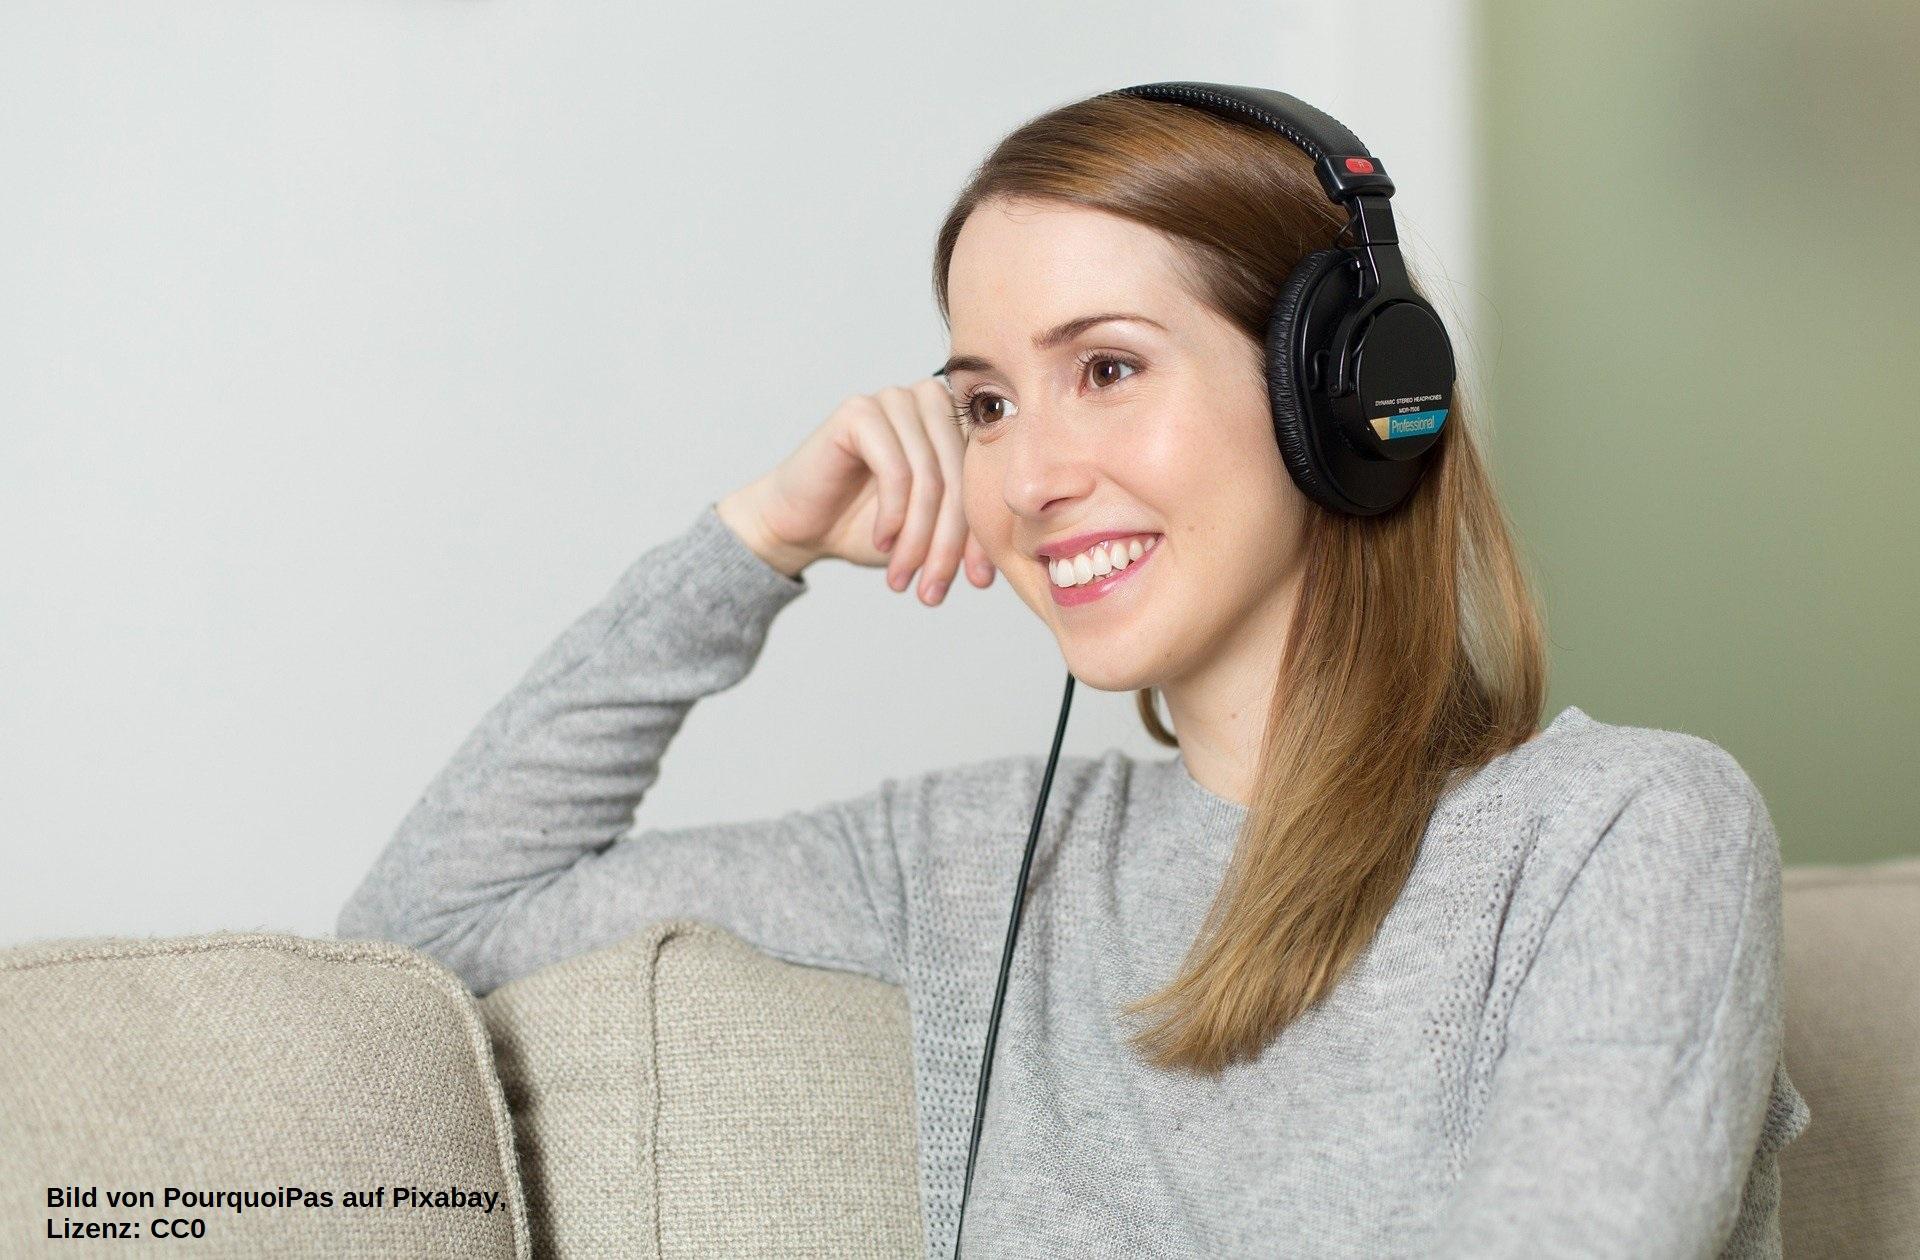 Grundbildung – Hören! Ein Podcast von eVideoTransfer2